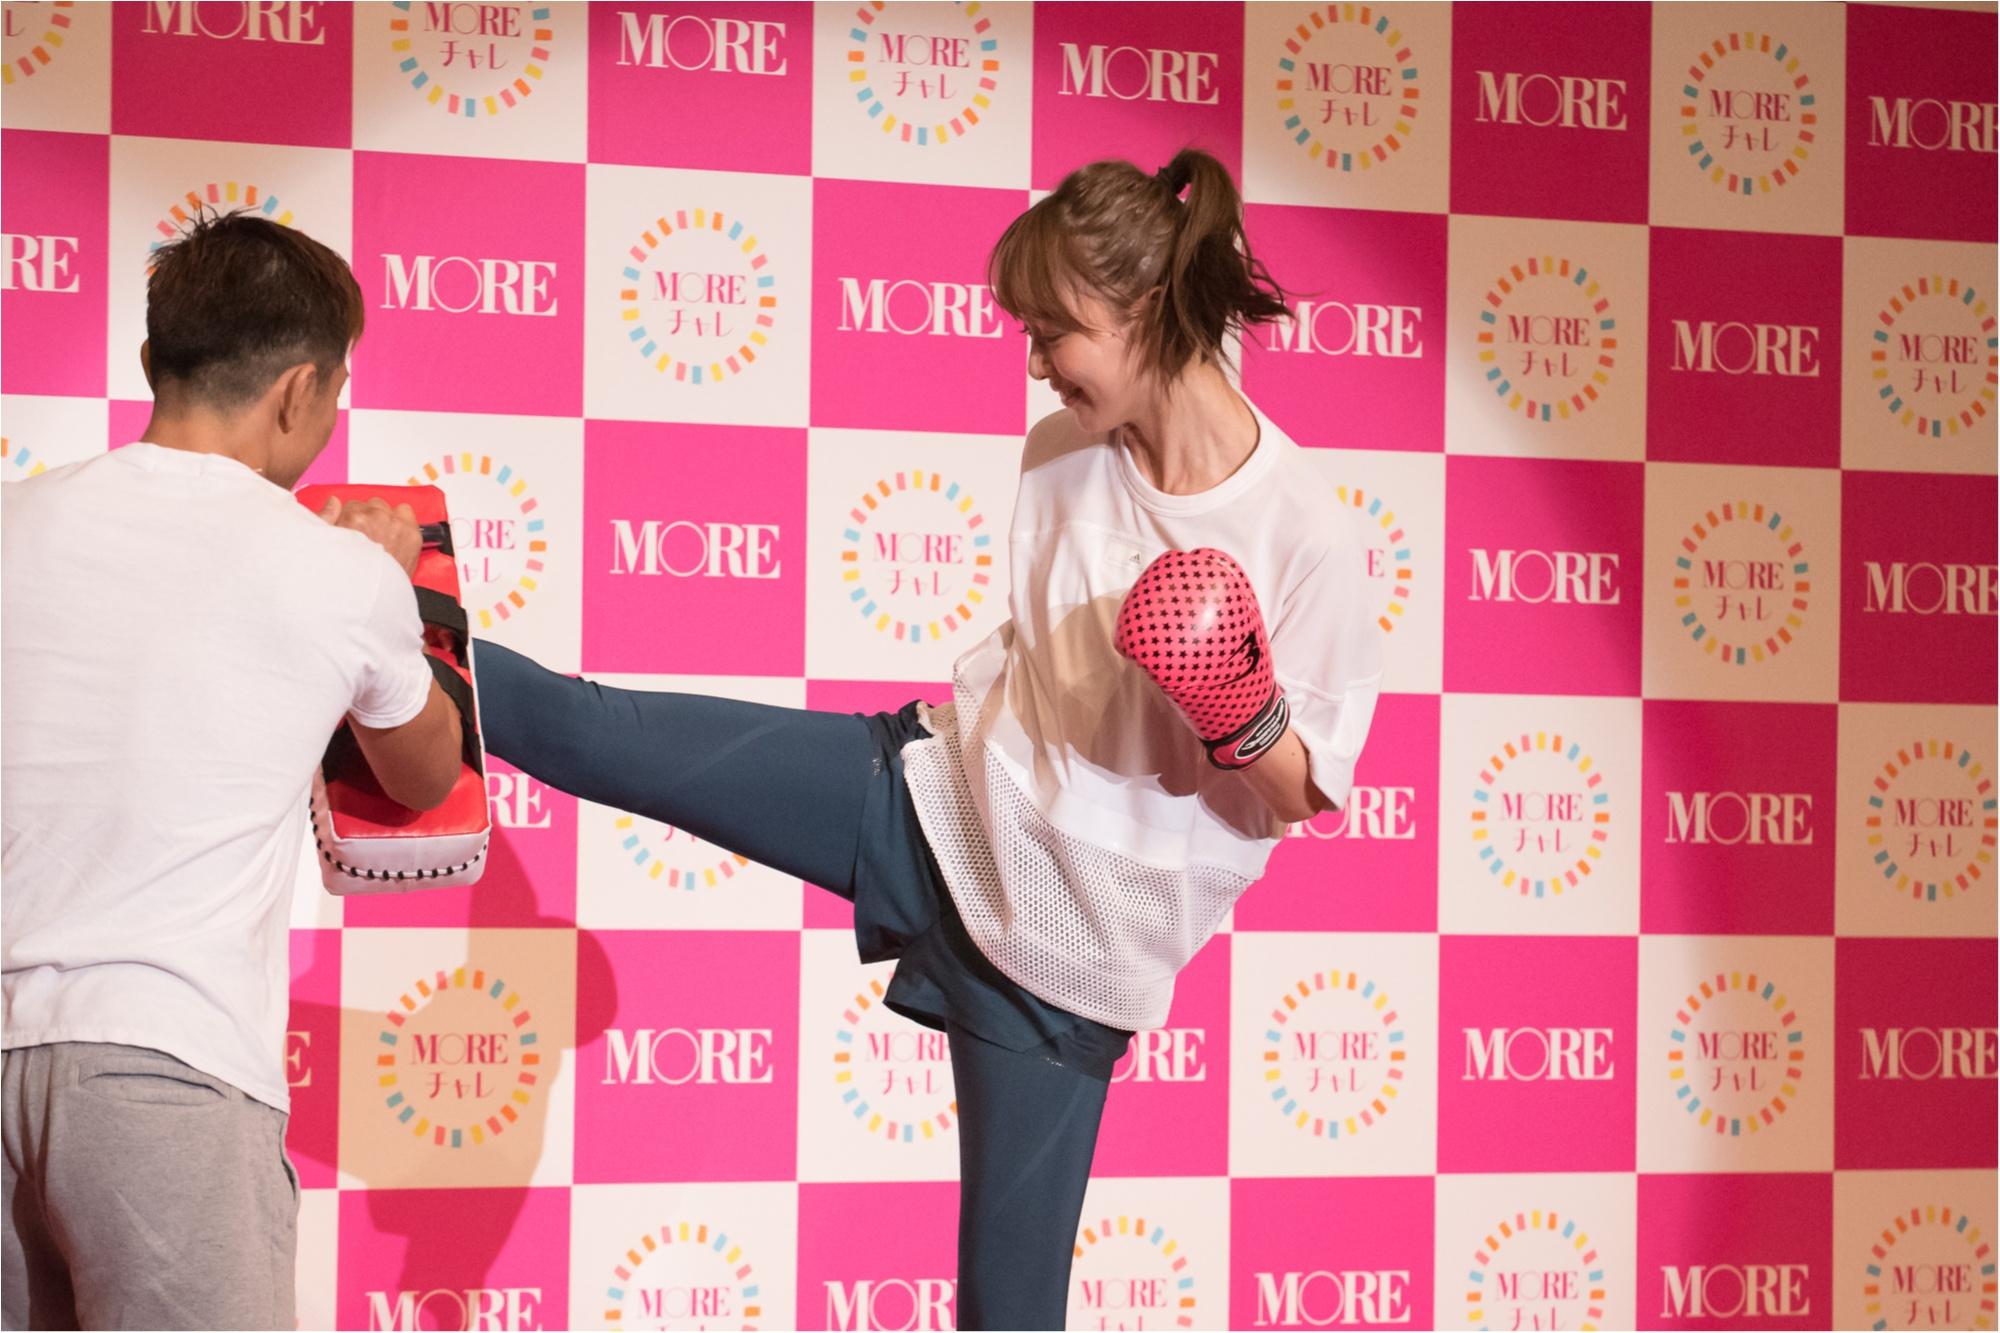 「モアチャレ」ついに完結☆ MORE40周年記念『モアチャレ』報告会イベントで、感動の涙と輝く笑顔に会えました!!!_3